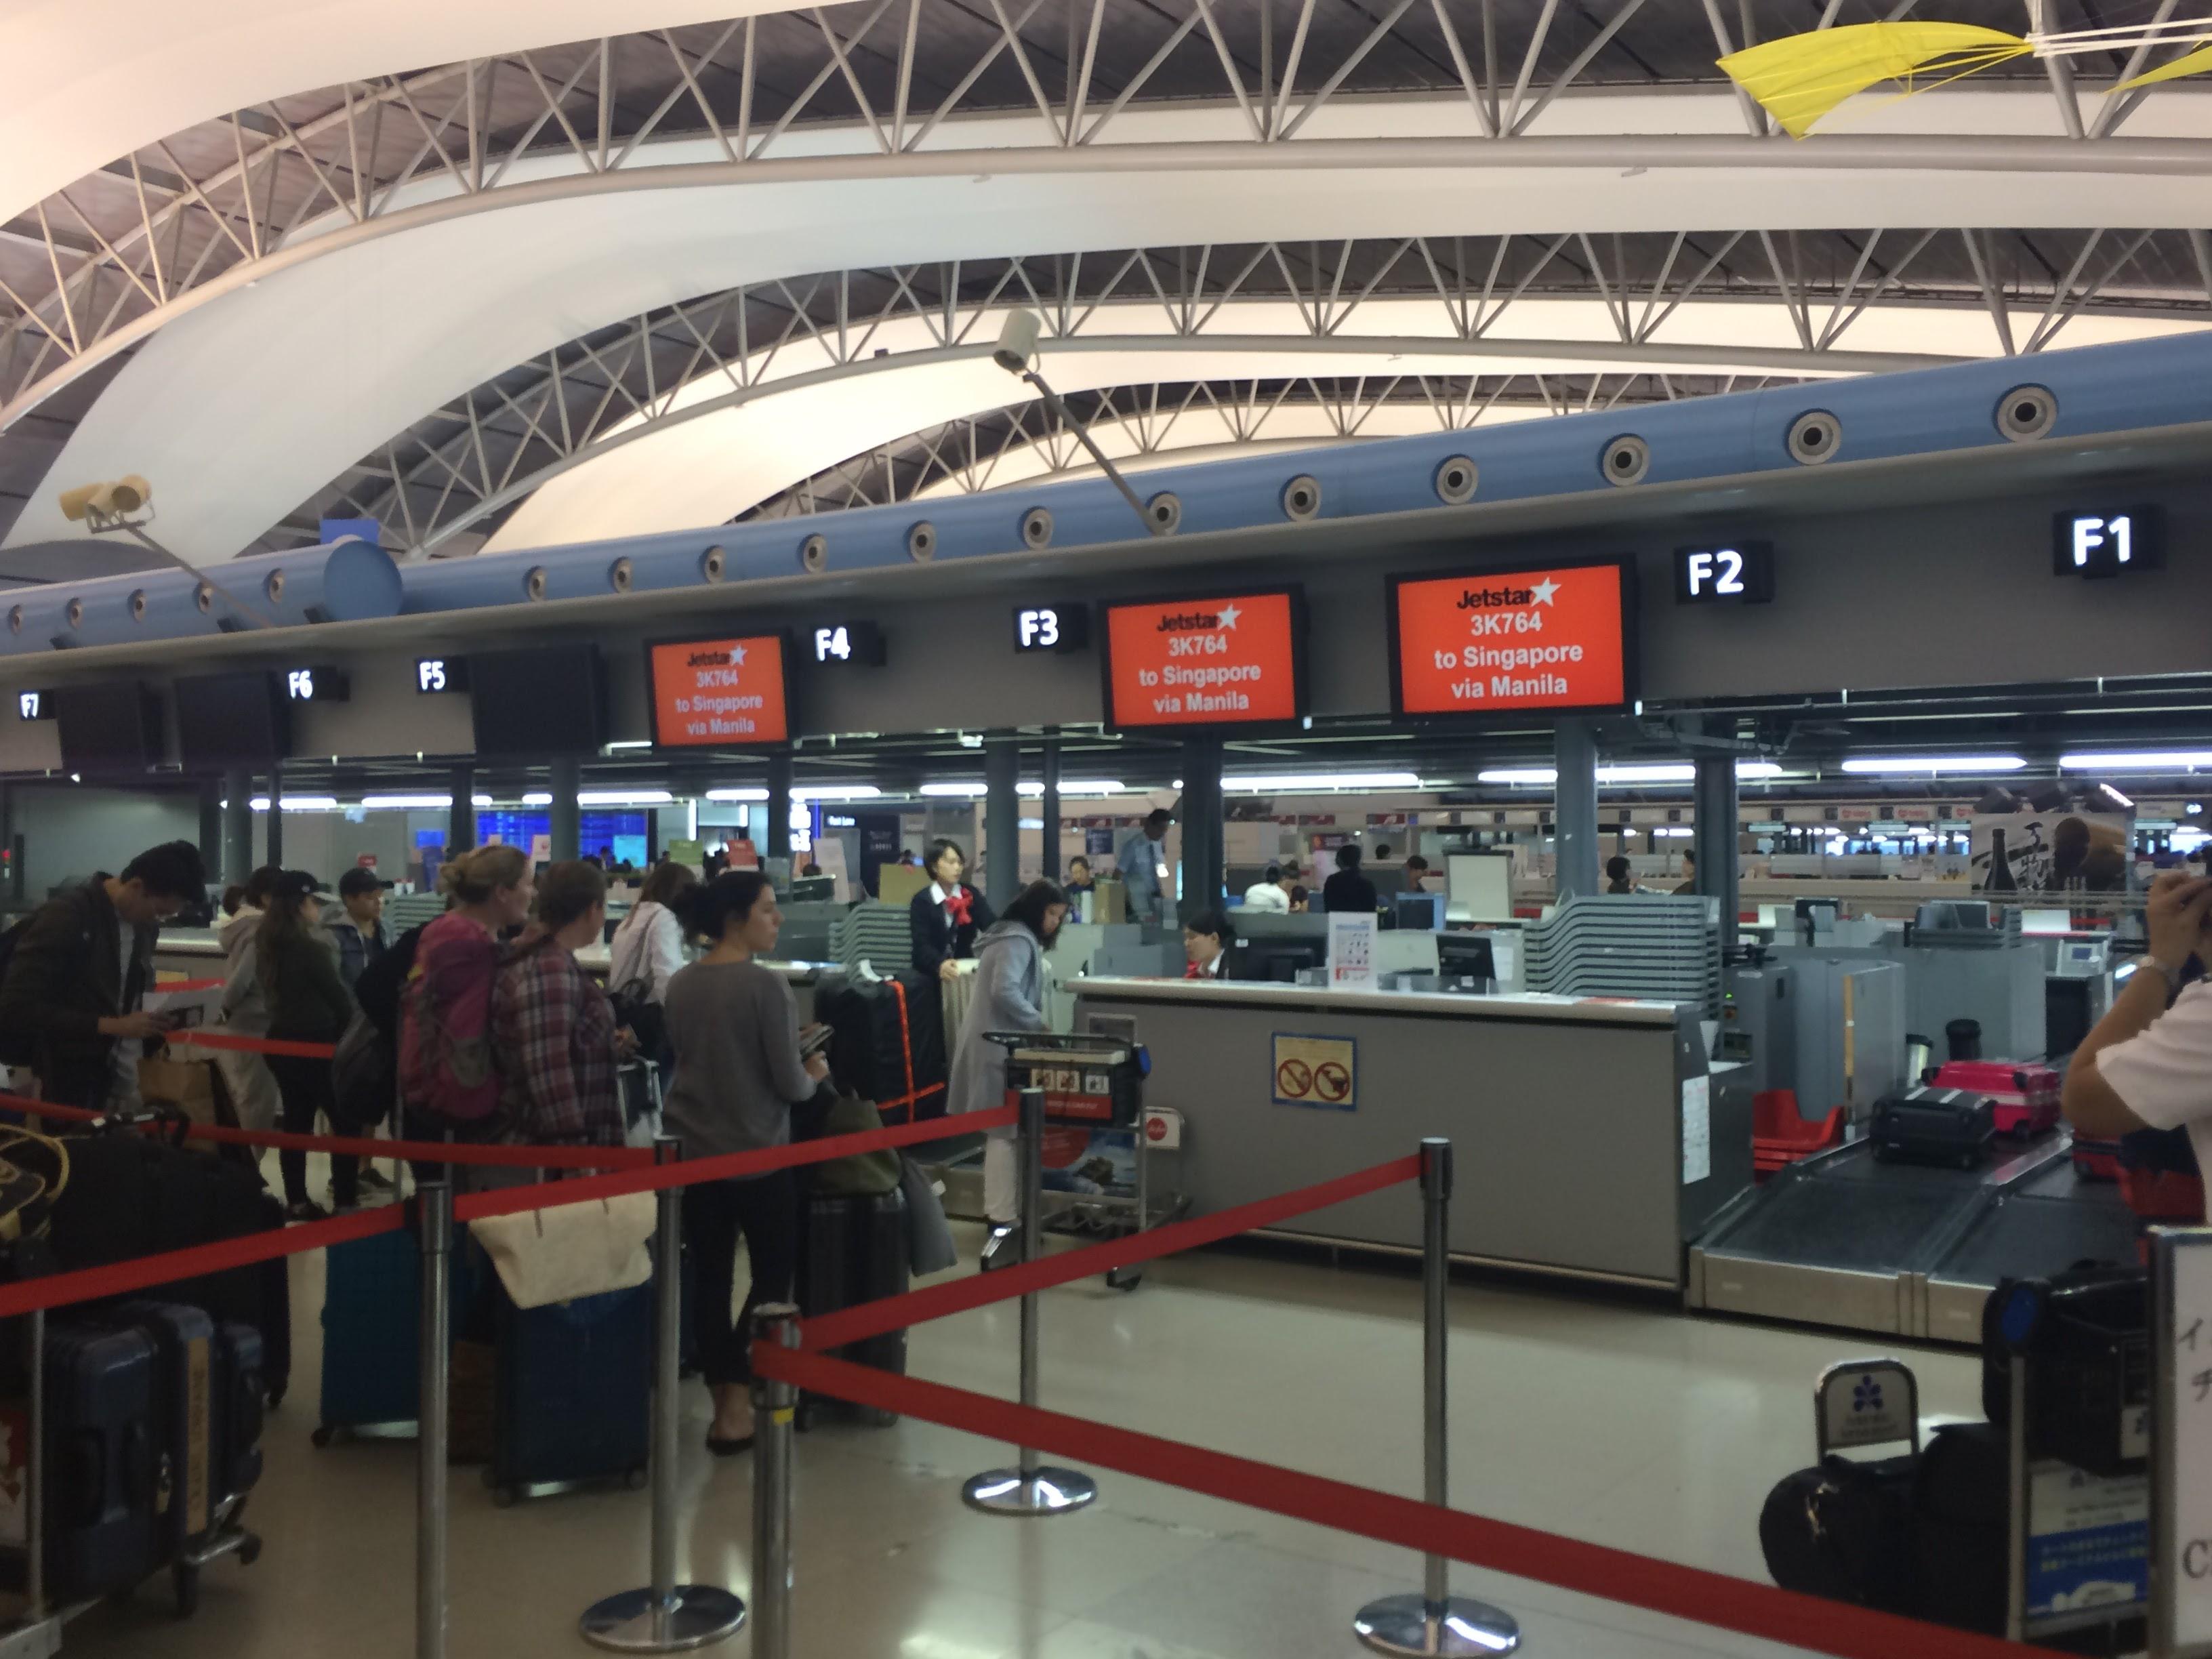 関西国際空港からマニラ国際空港までジェットスター・アジア航空を利用してみた件